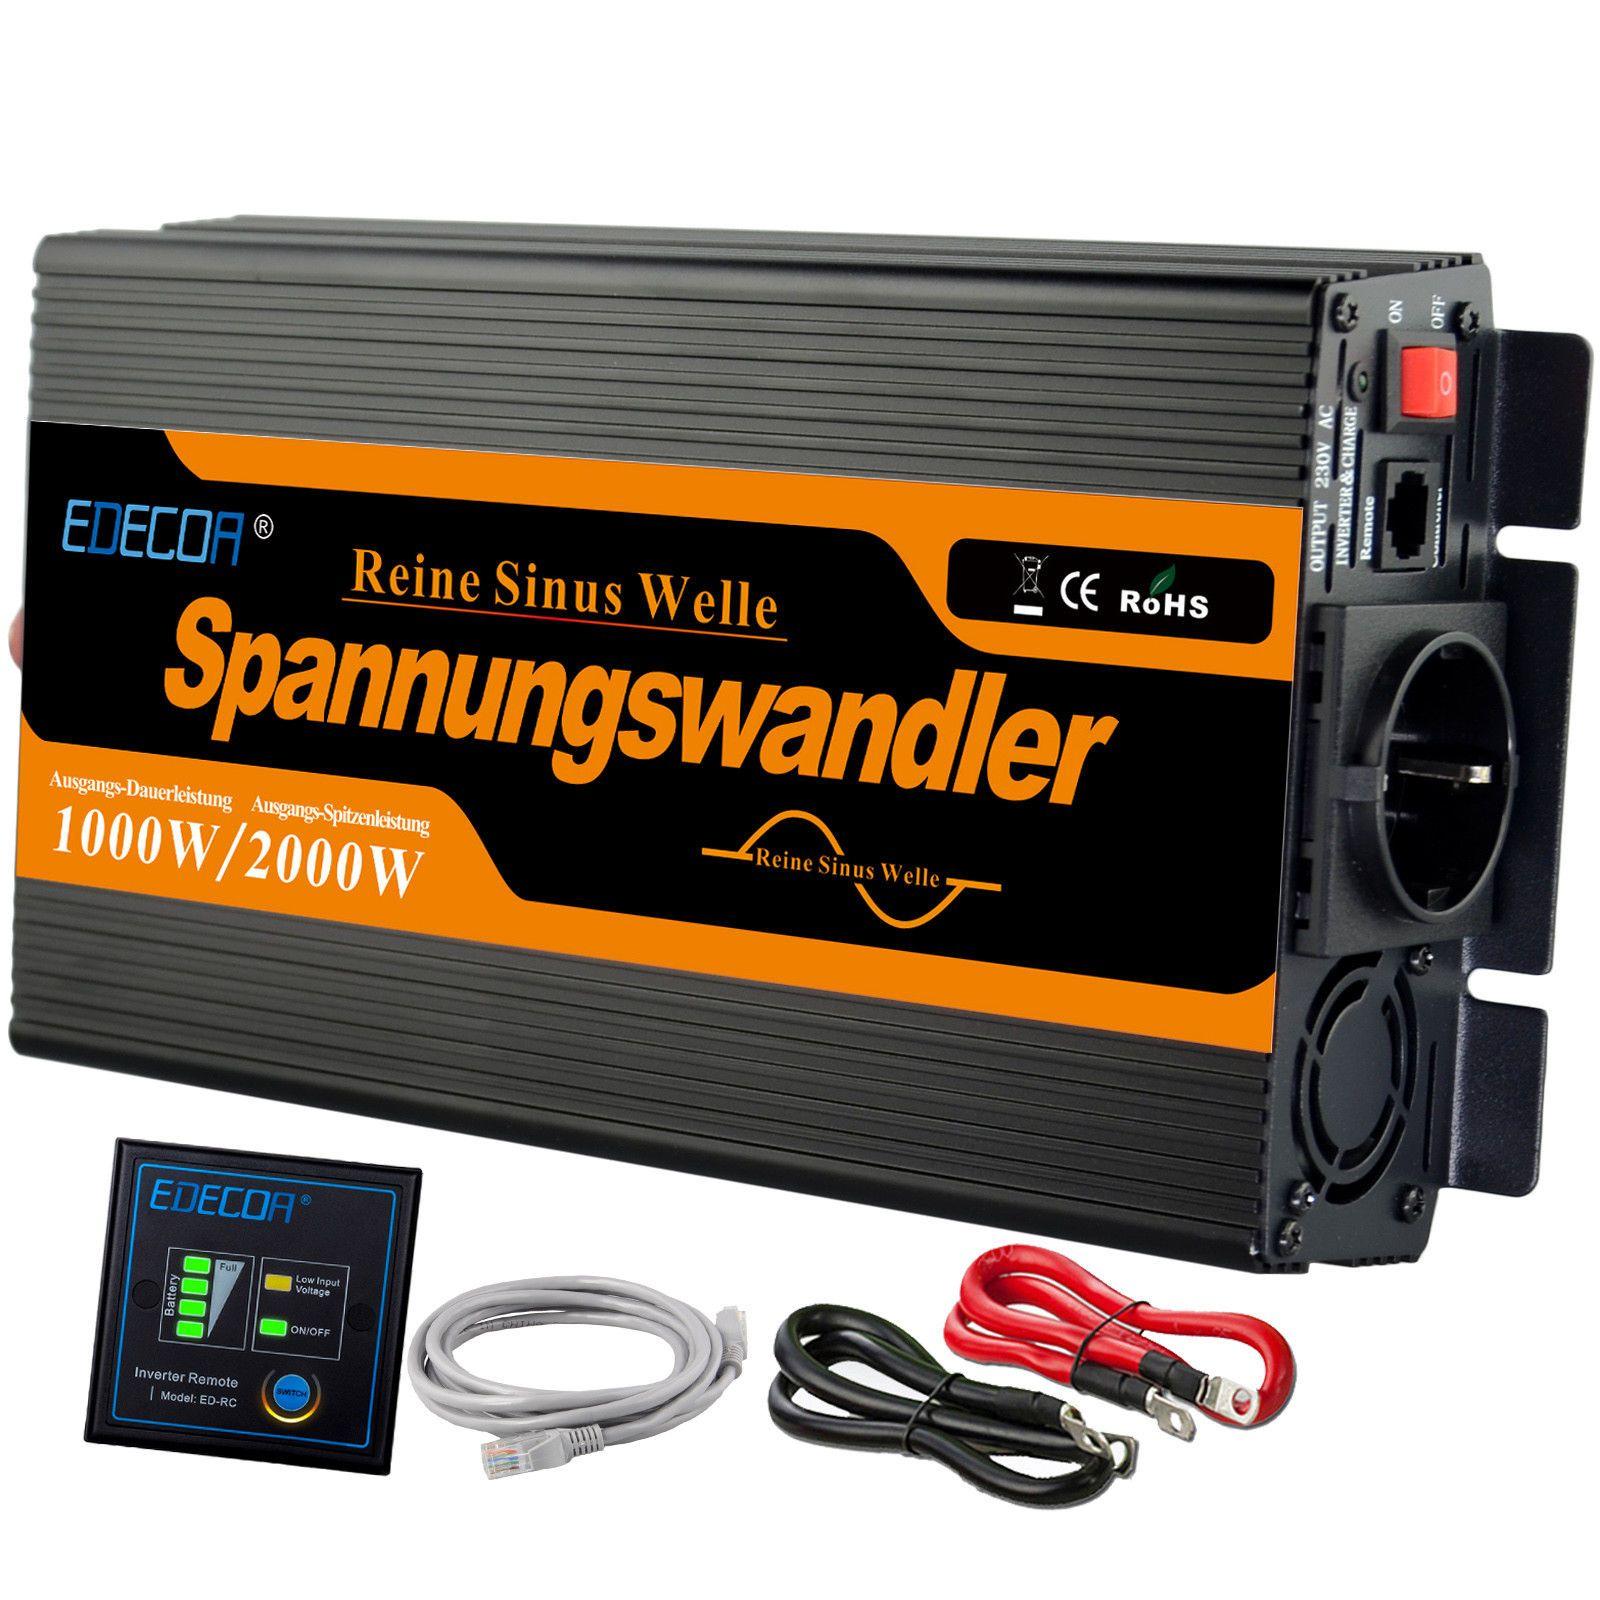 Details Zu Spannungswandler Reiner Sinus 1000w 2000w 12v 230v Wechselrichter Fernbedienung